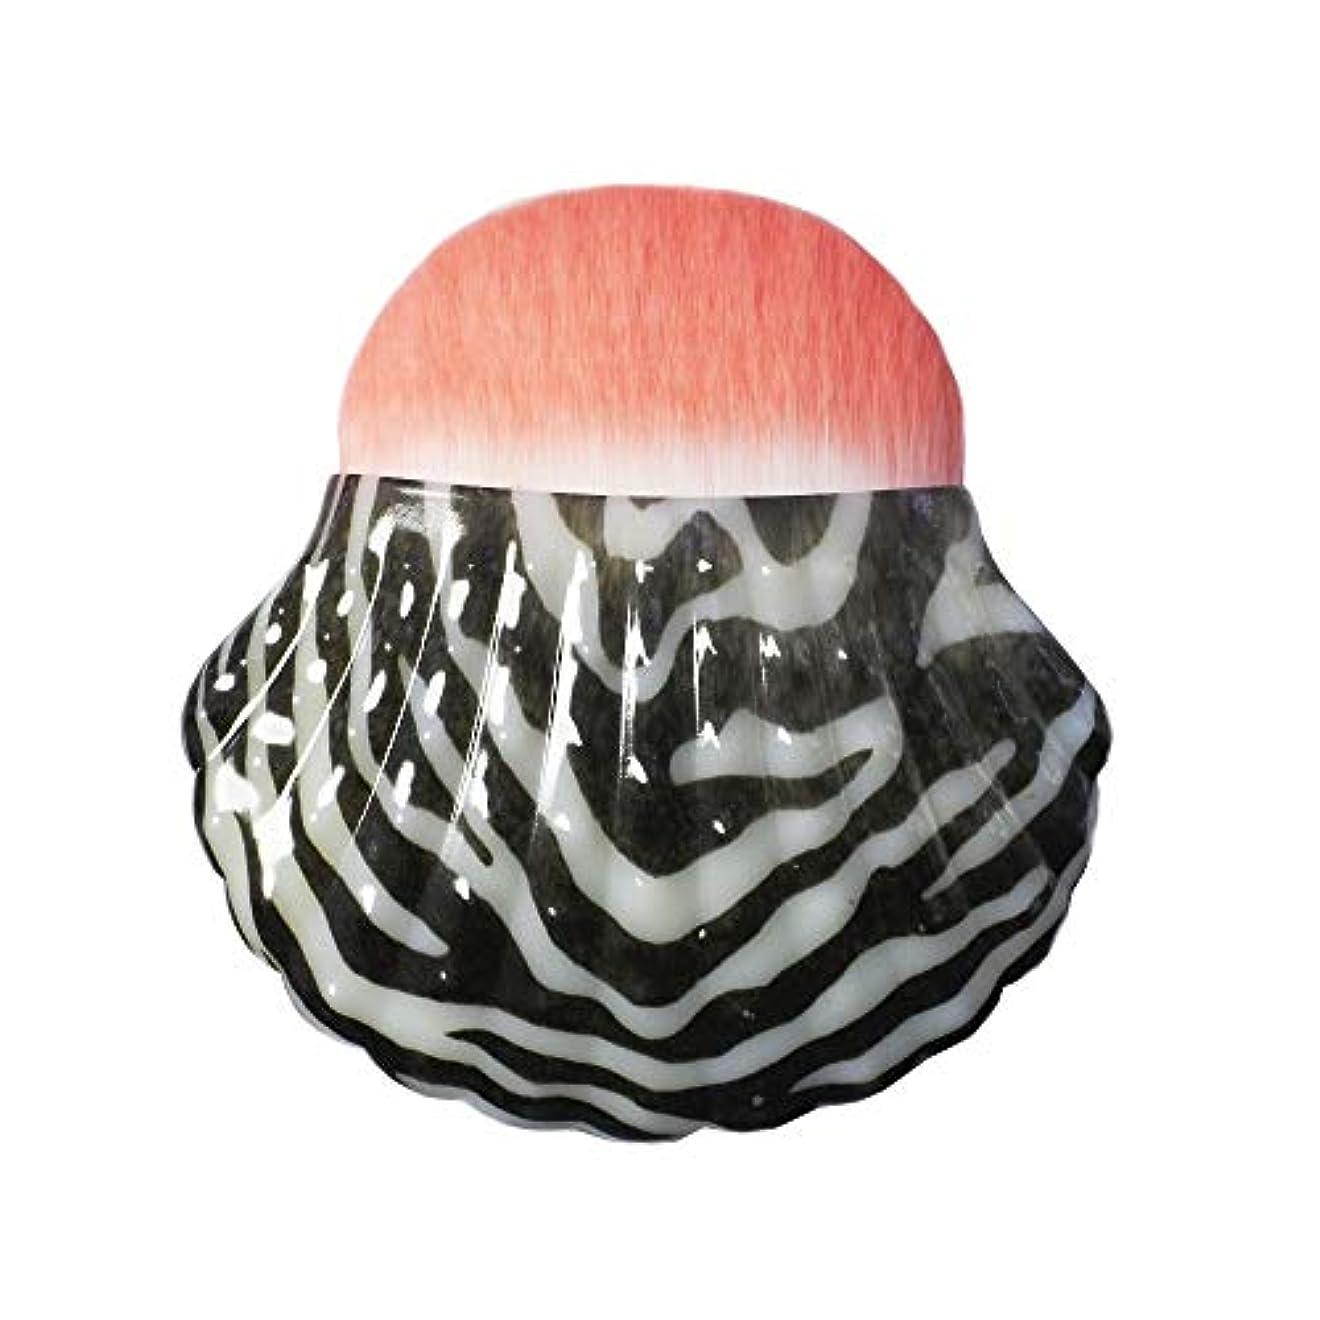 金属嵐残酷Makeup brushes 黒と白のパターン、個々のシェルタイプブラッシュブラシ美容メイクブラシツールポータブル多機能メイクブラシ suits (Color : Leopard)